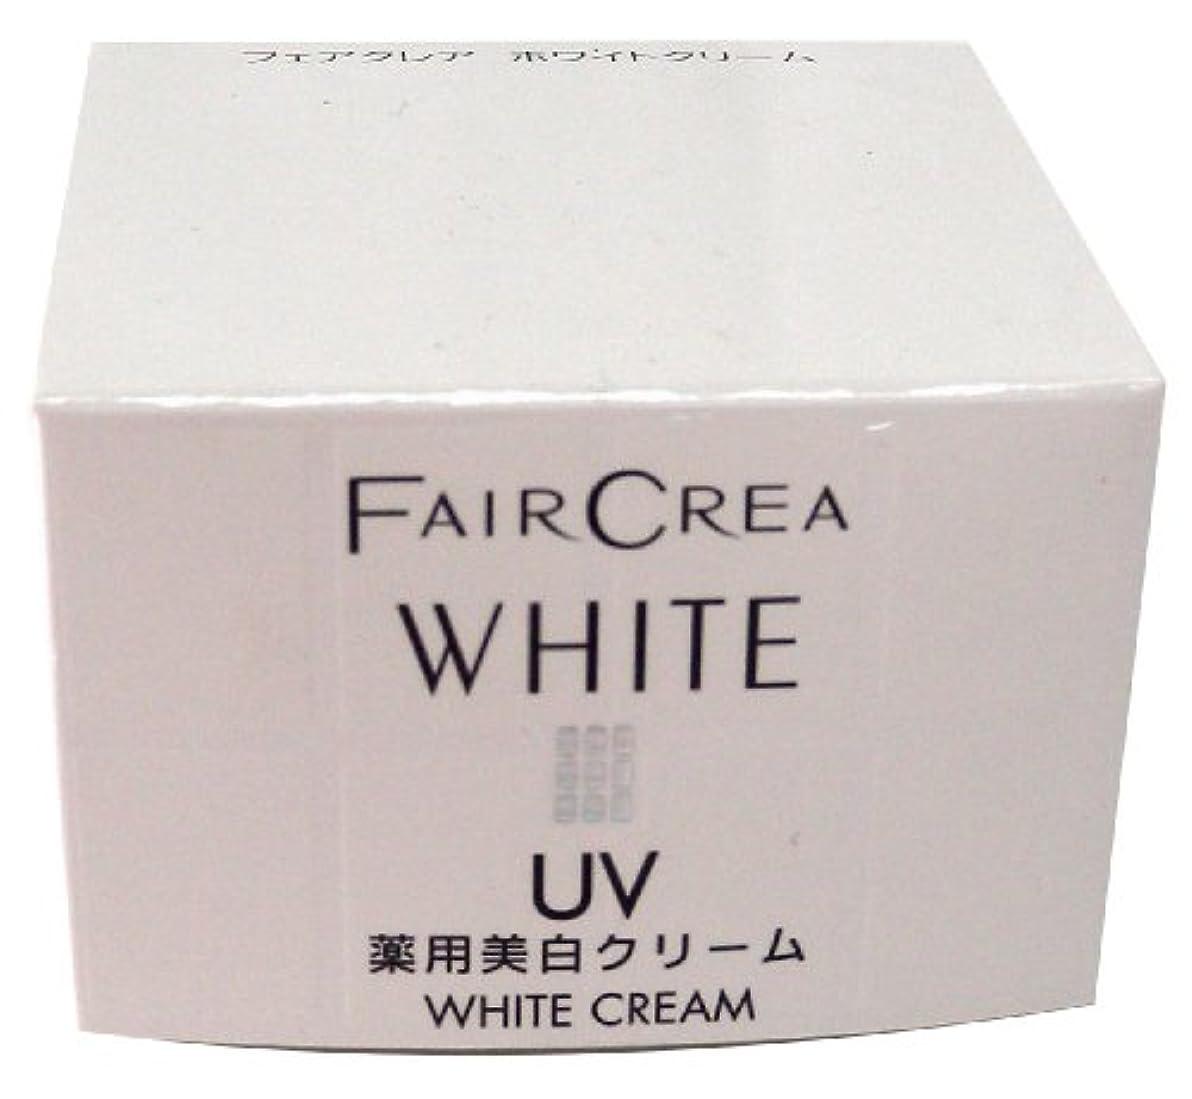 仕立て屋に同意する予想外フェアクレア ホワイトクリーム 30g <27130>